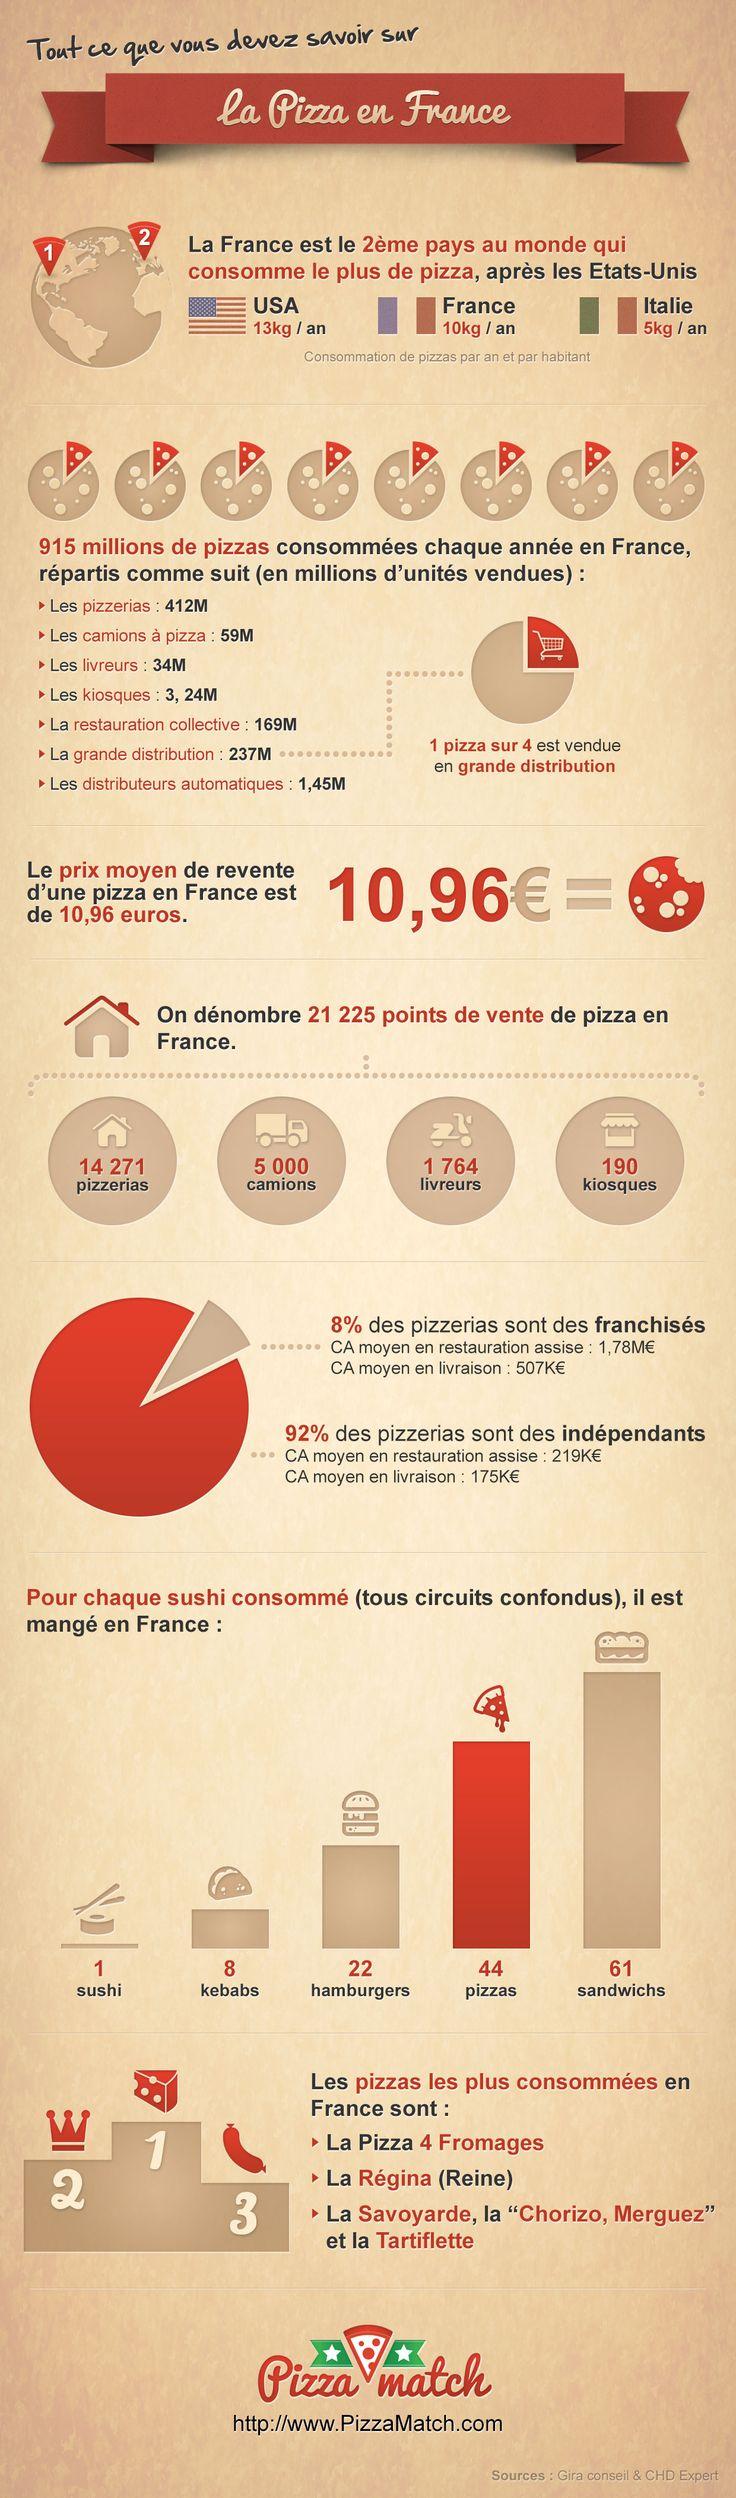 Tout sur le marché de la pizza en France